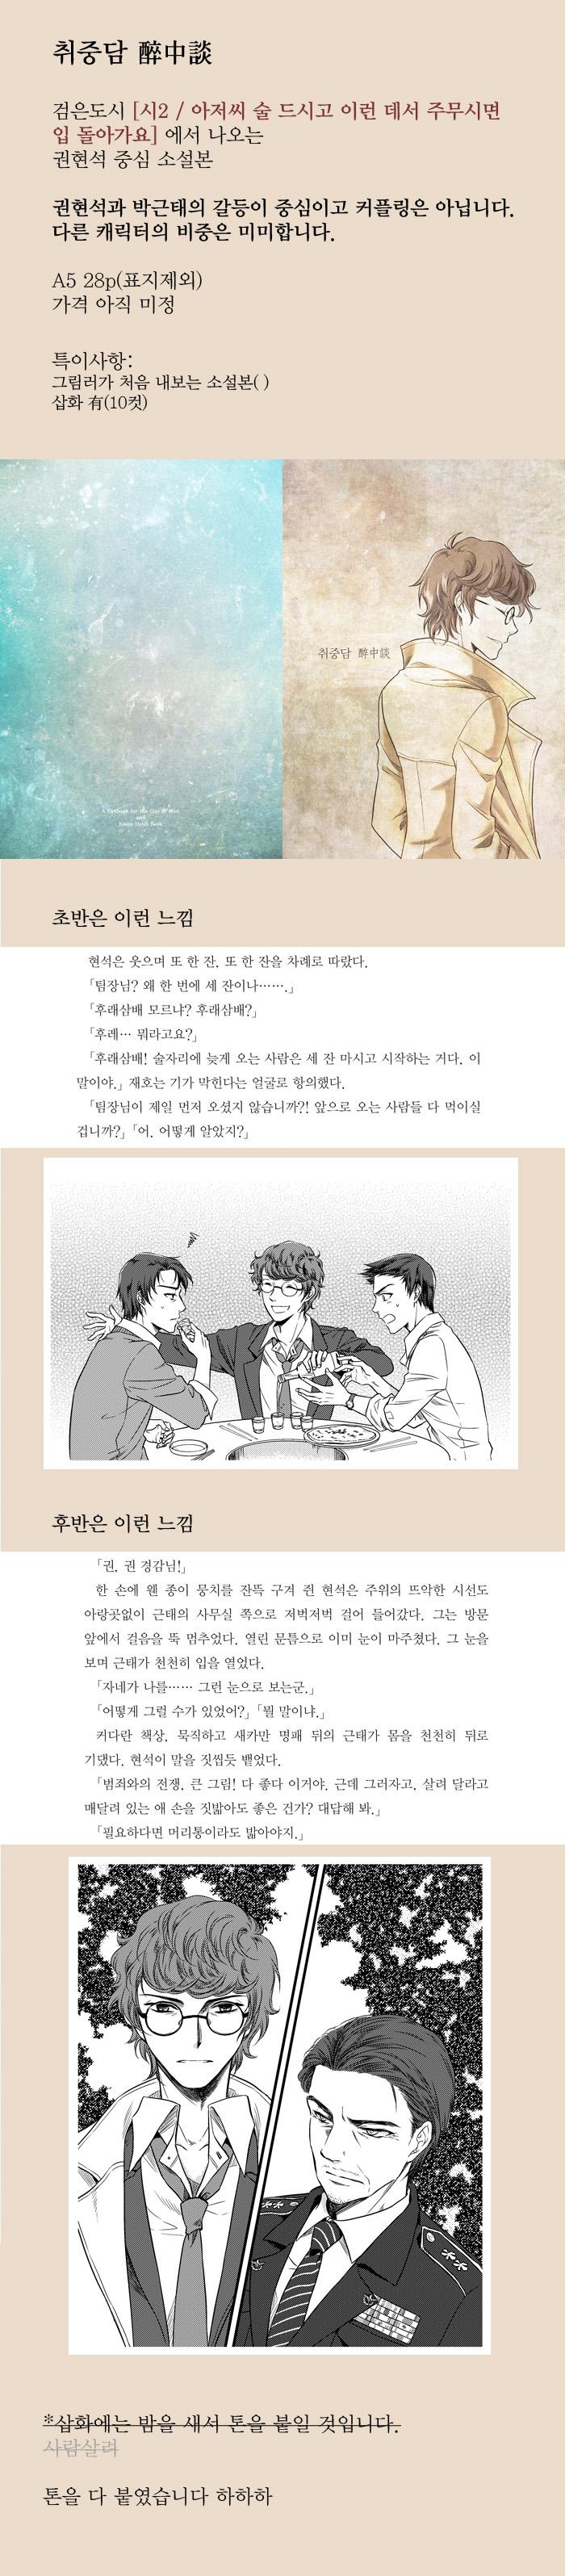 (수정)권현석 중심 소설+삽화본 [취중담] 최종..